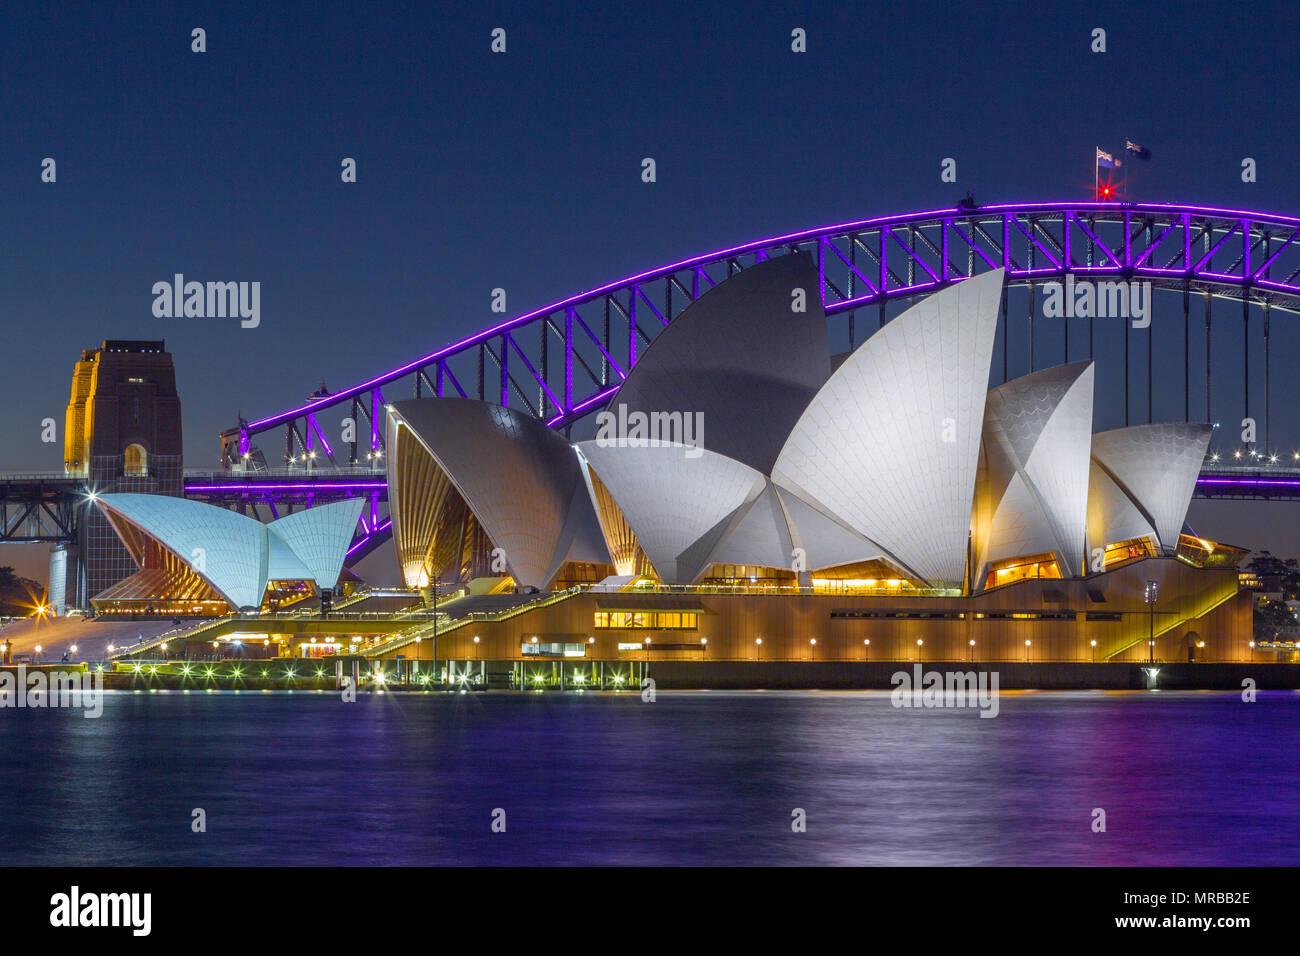 Sydney Harbour Bridge y la Ópera de Sydney durante el 2018 'vivo' Festival de Sydney, que considera a efectos de iluminación especiales mostrados en notable landmar Imagen De Stock